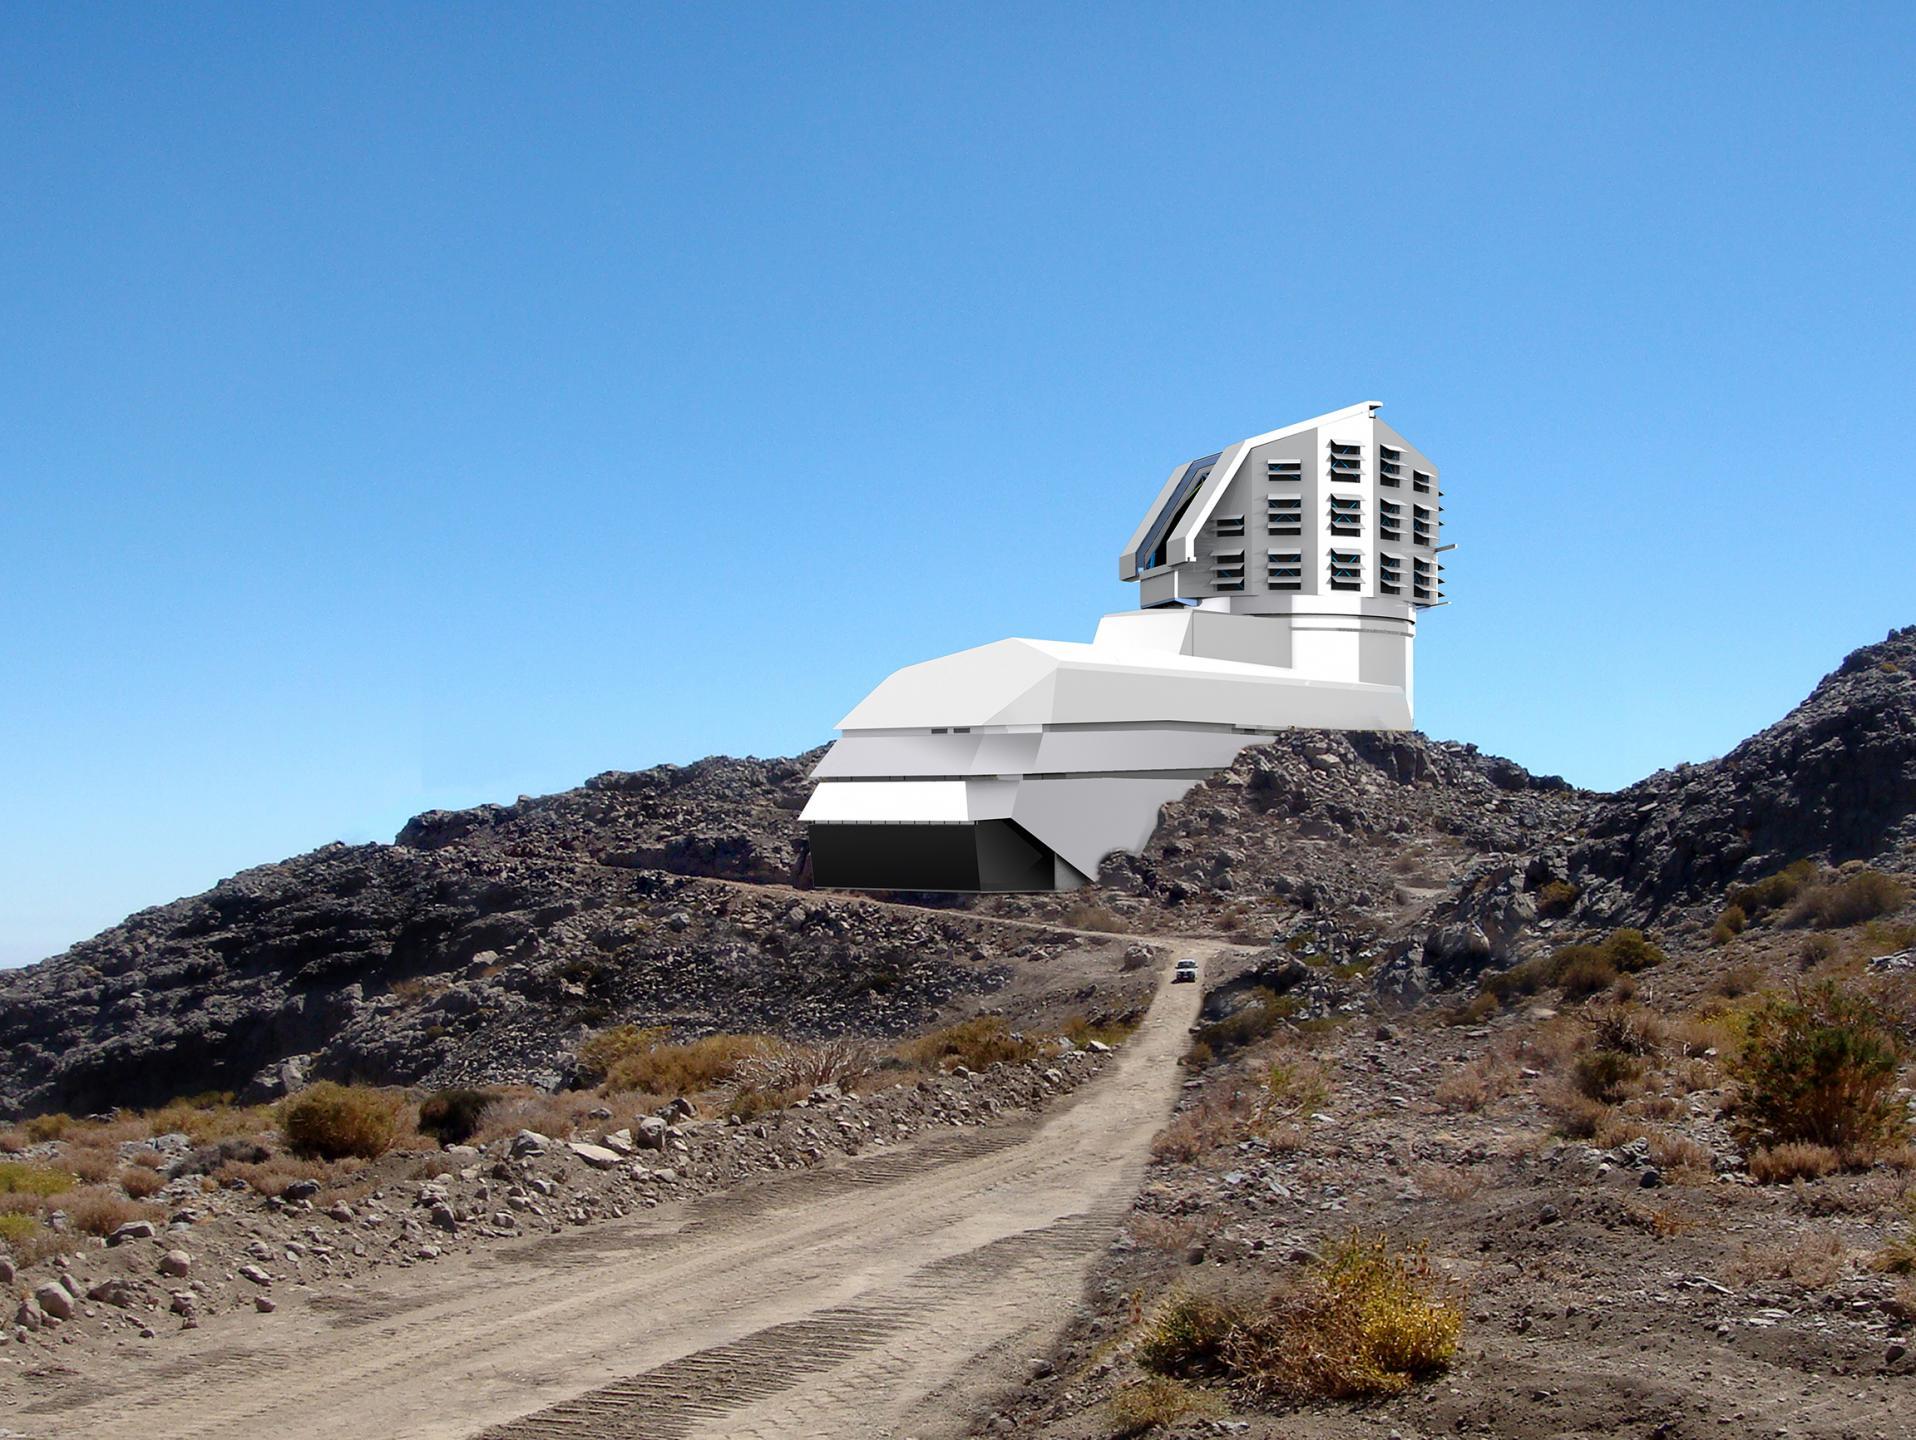 Vue d'artiste du futur téléscope LSST